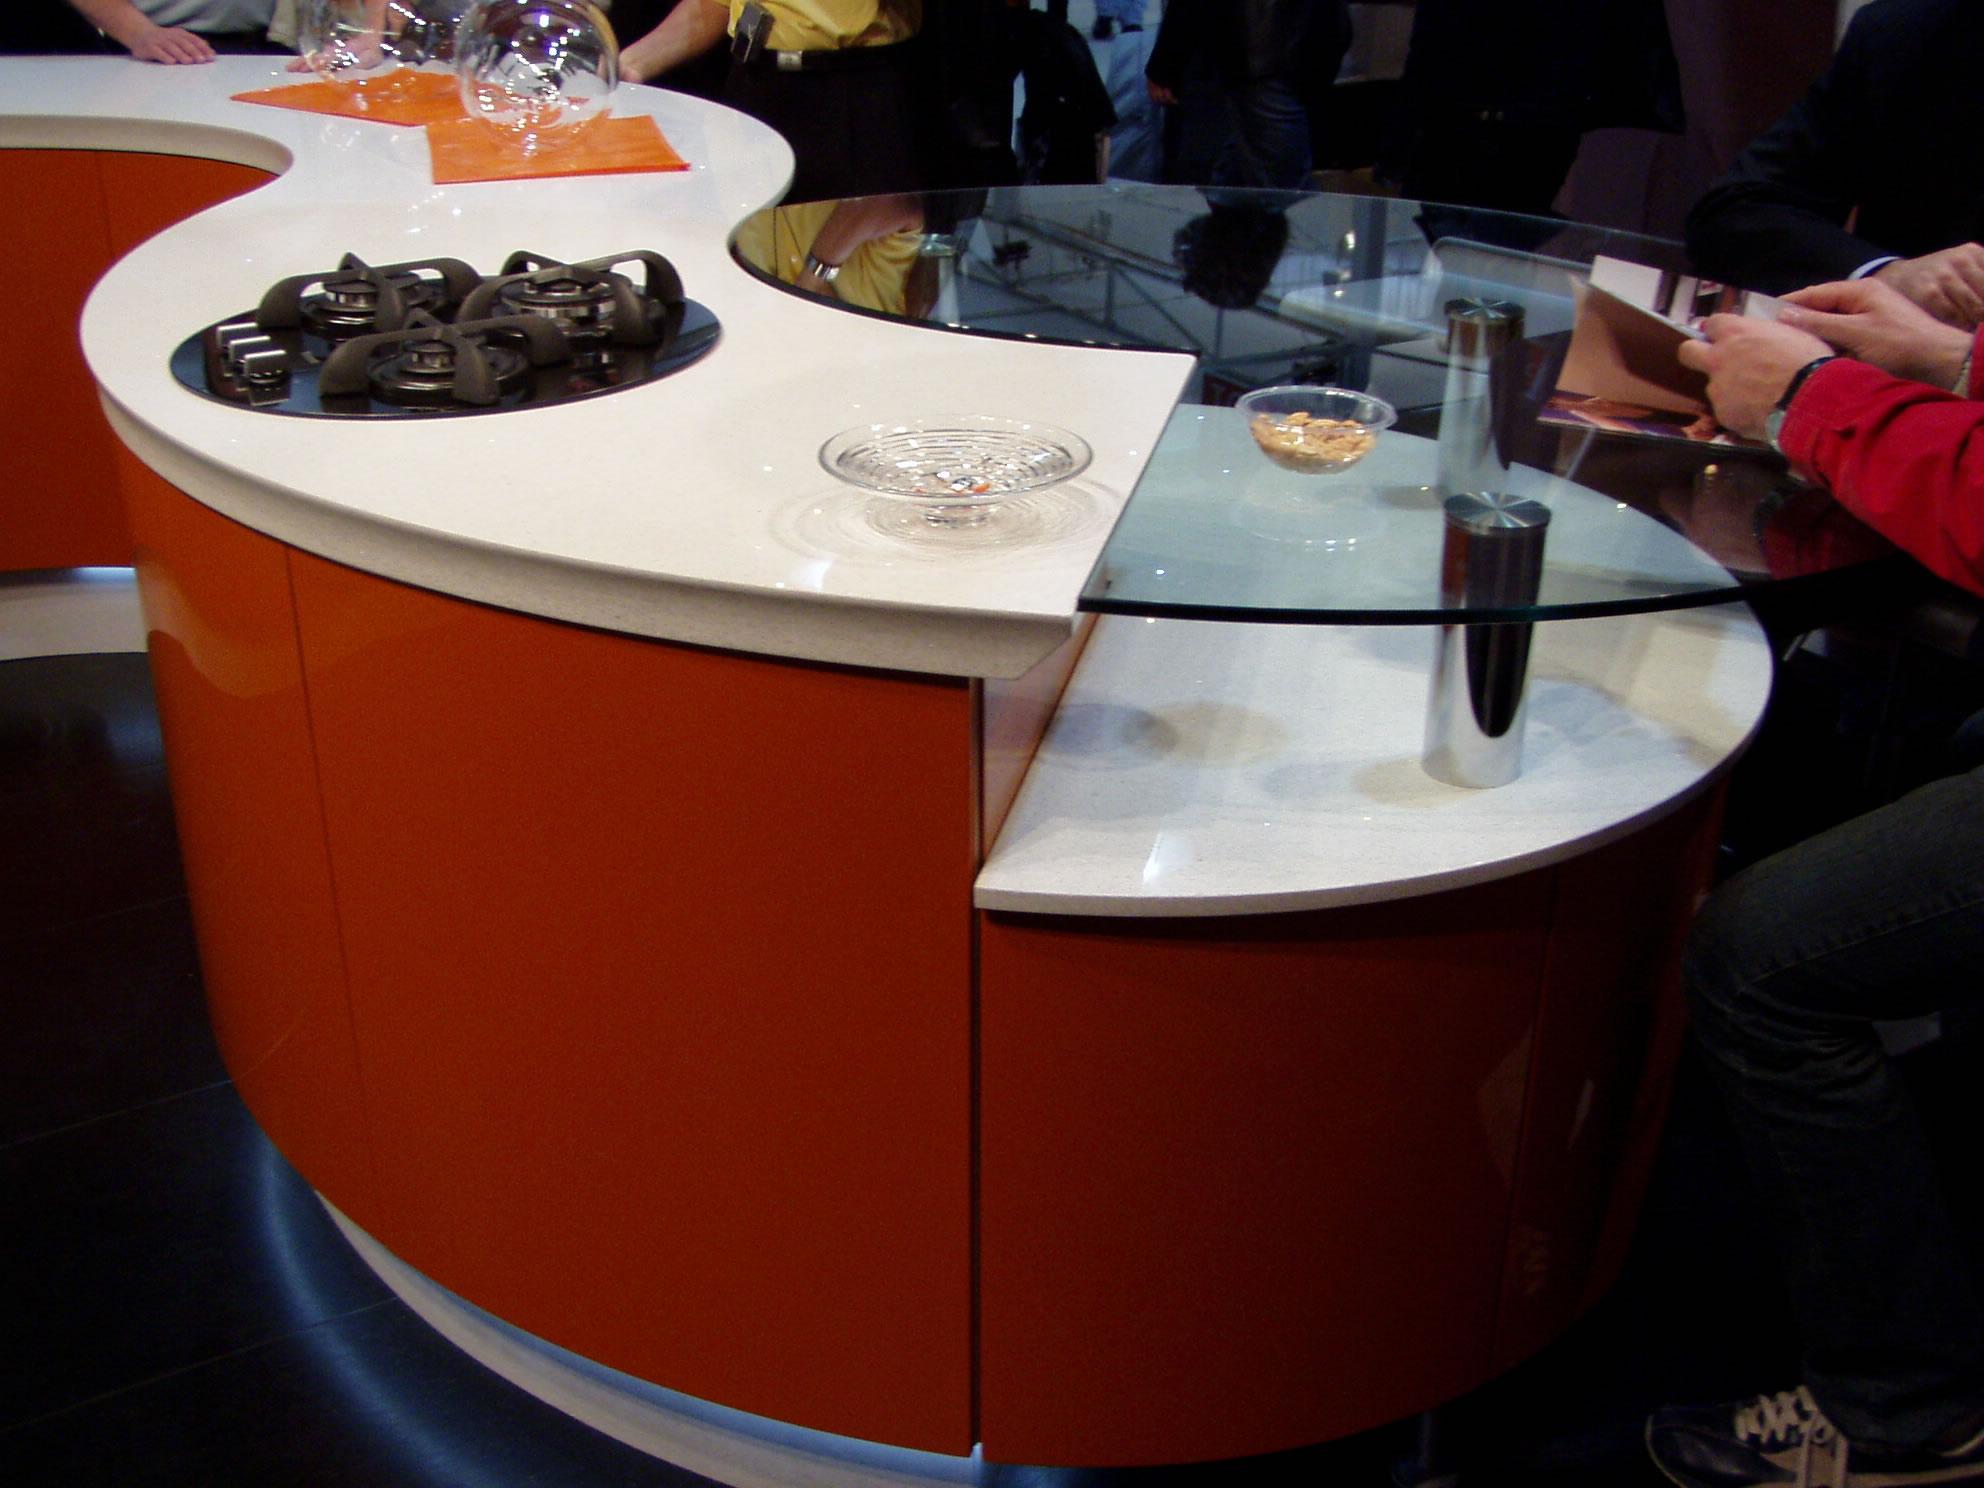 Maker en slidtstærk sten i stilrent design til den moderne køkken